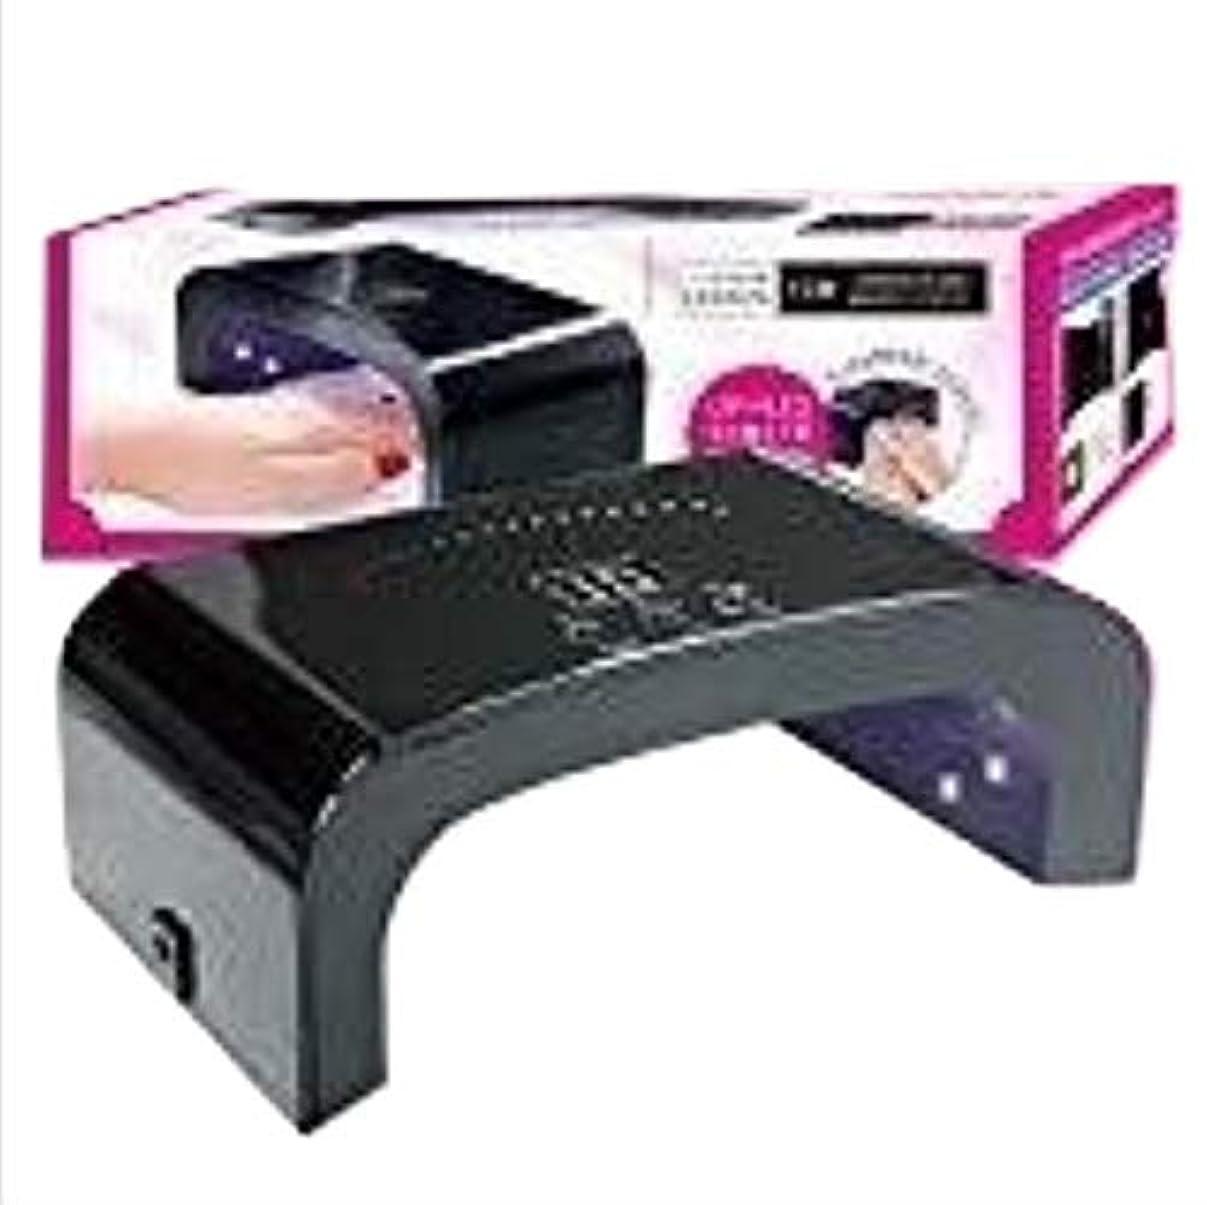 スツールアルコーブ痛いビューティーワールド デジタルミックスライト LED9001